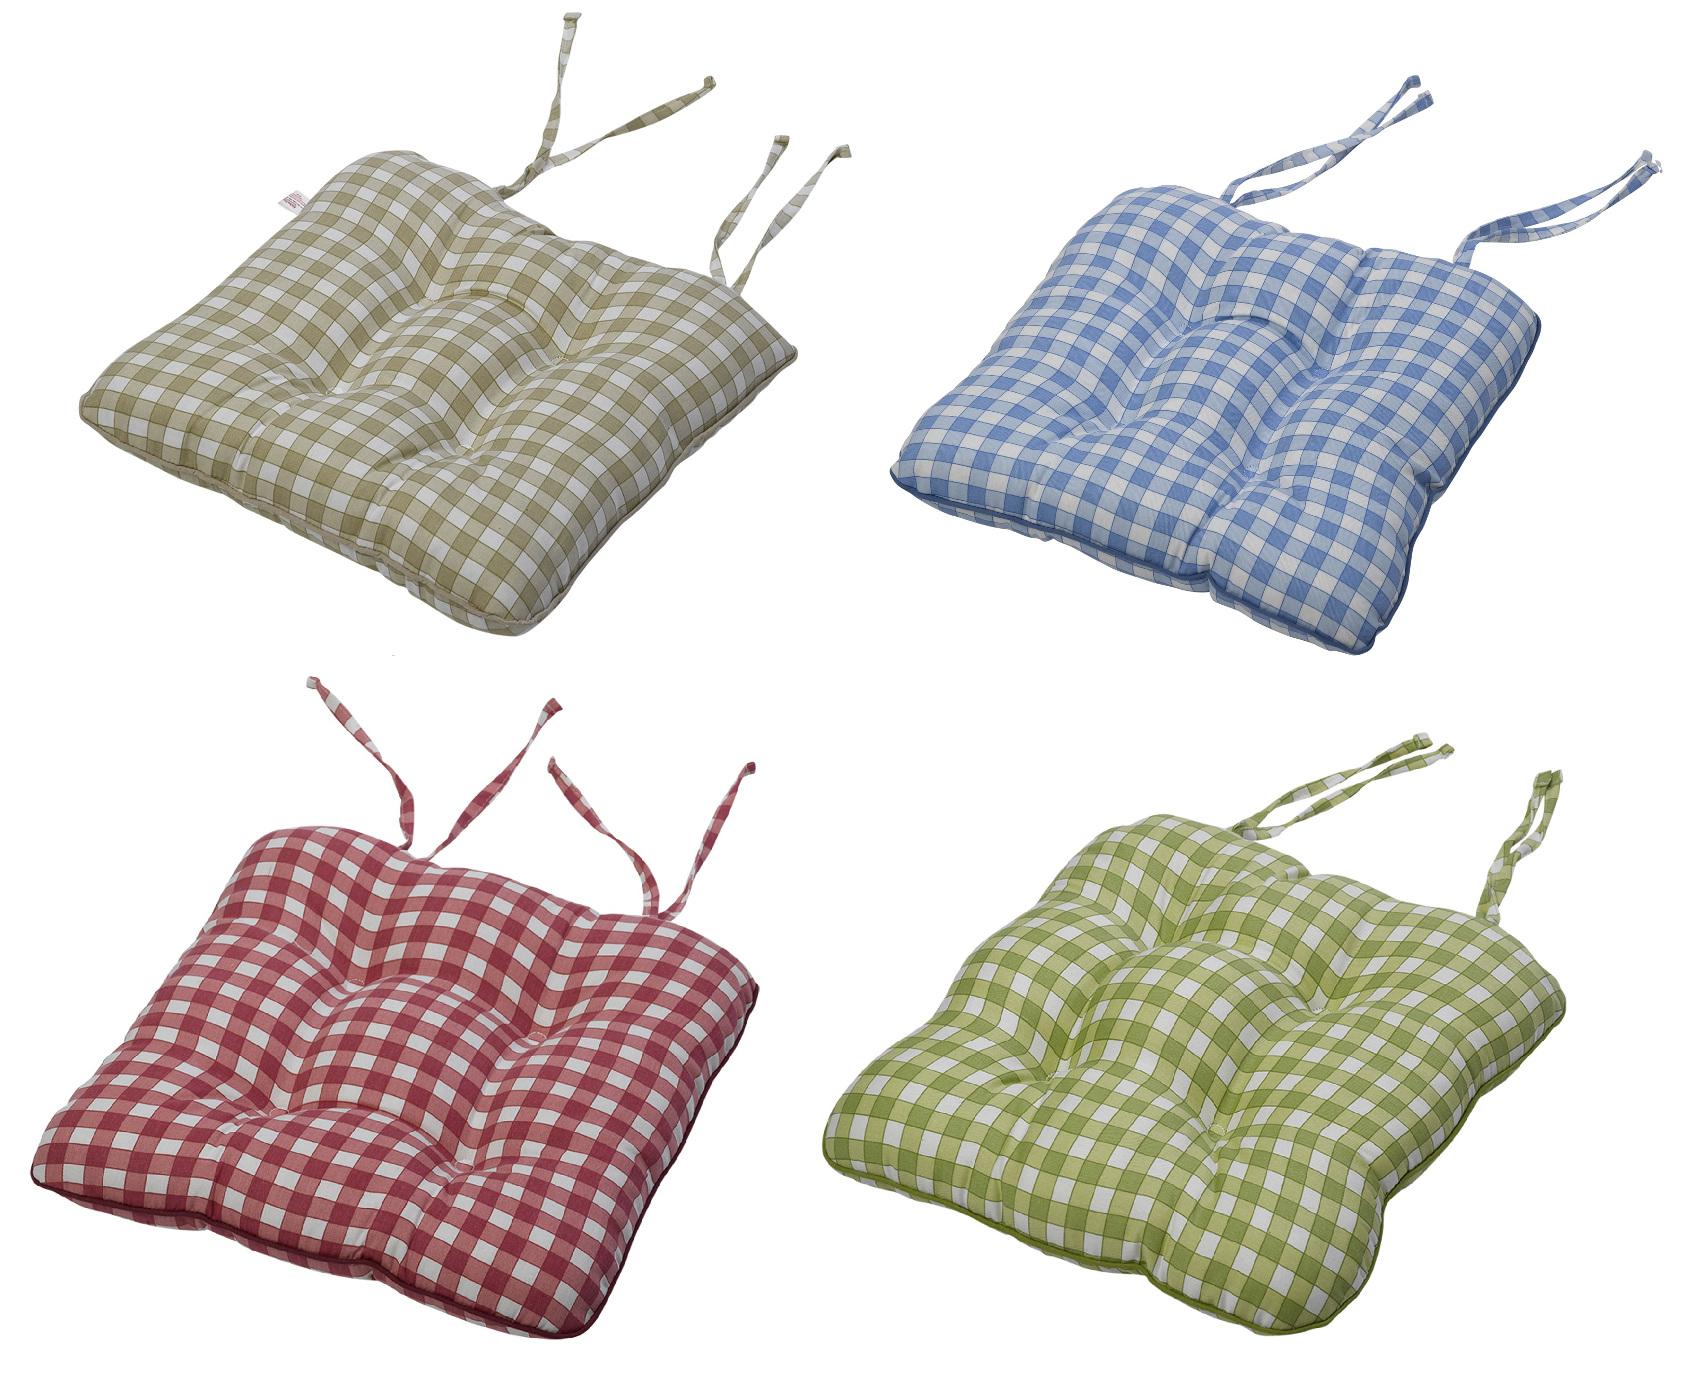 estampado guinga algodón cojín de asiento 35.6cmx38.1cm cocina